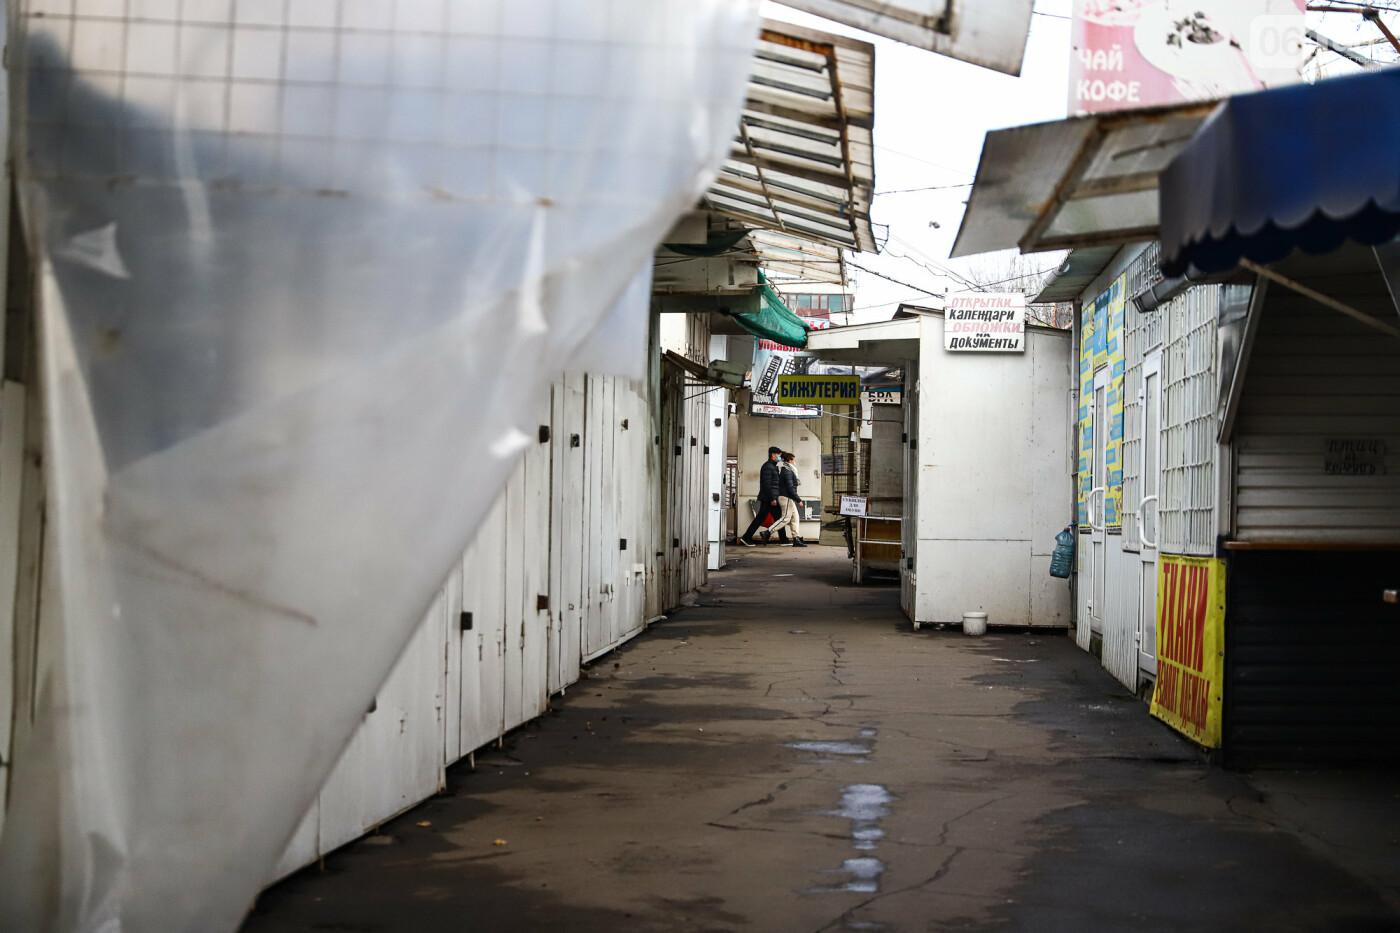 Защитные ленты на товарах, неработающие ТРЦ и полузакрытые рынки – фоторепортаж о первом дне локдауна в Запорожье, фото-5